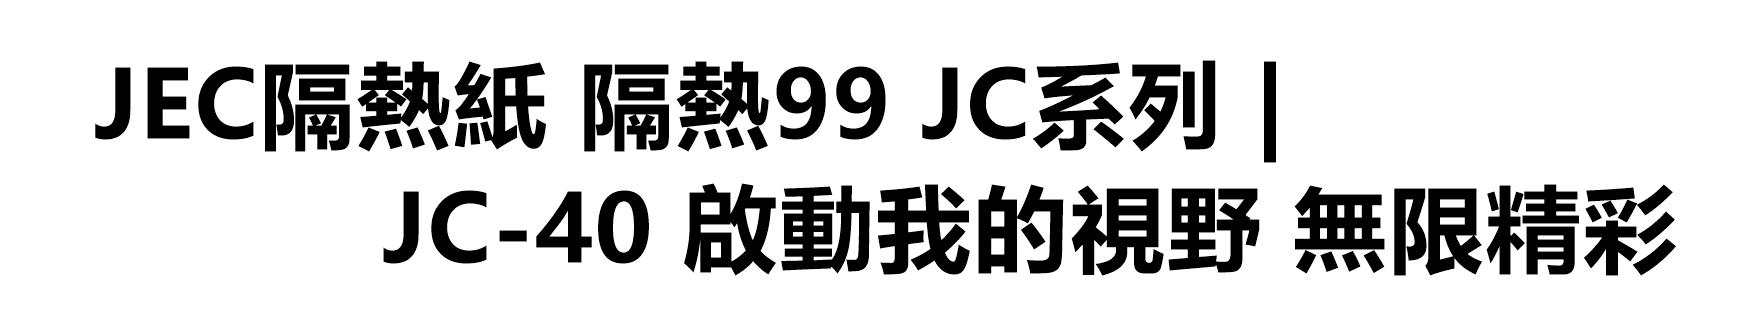 JEC隔熱紙 JC系列 啟動我的視野 無限精彩